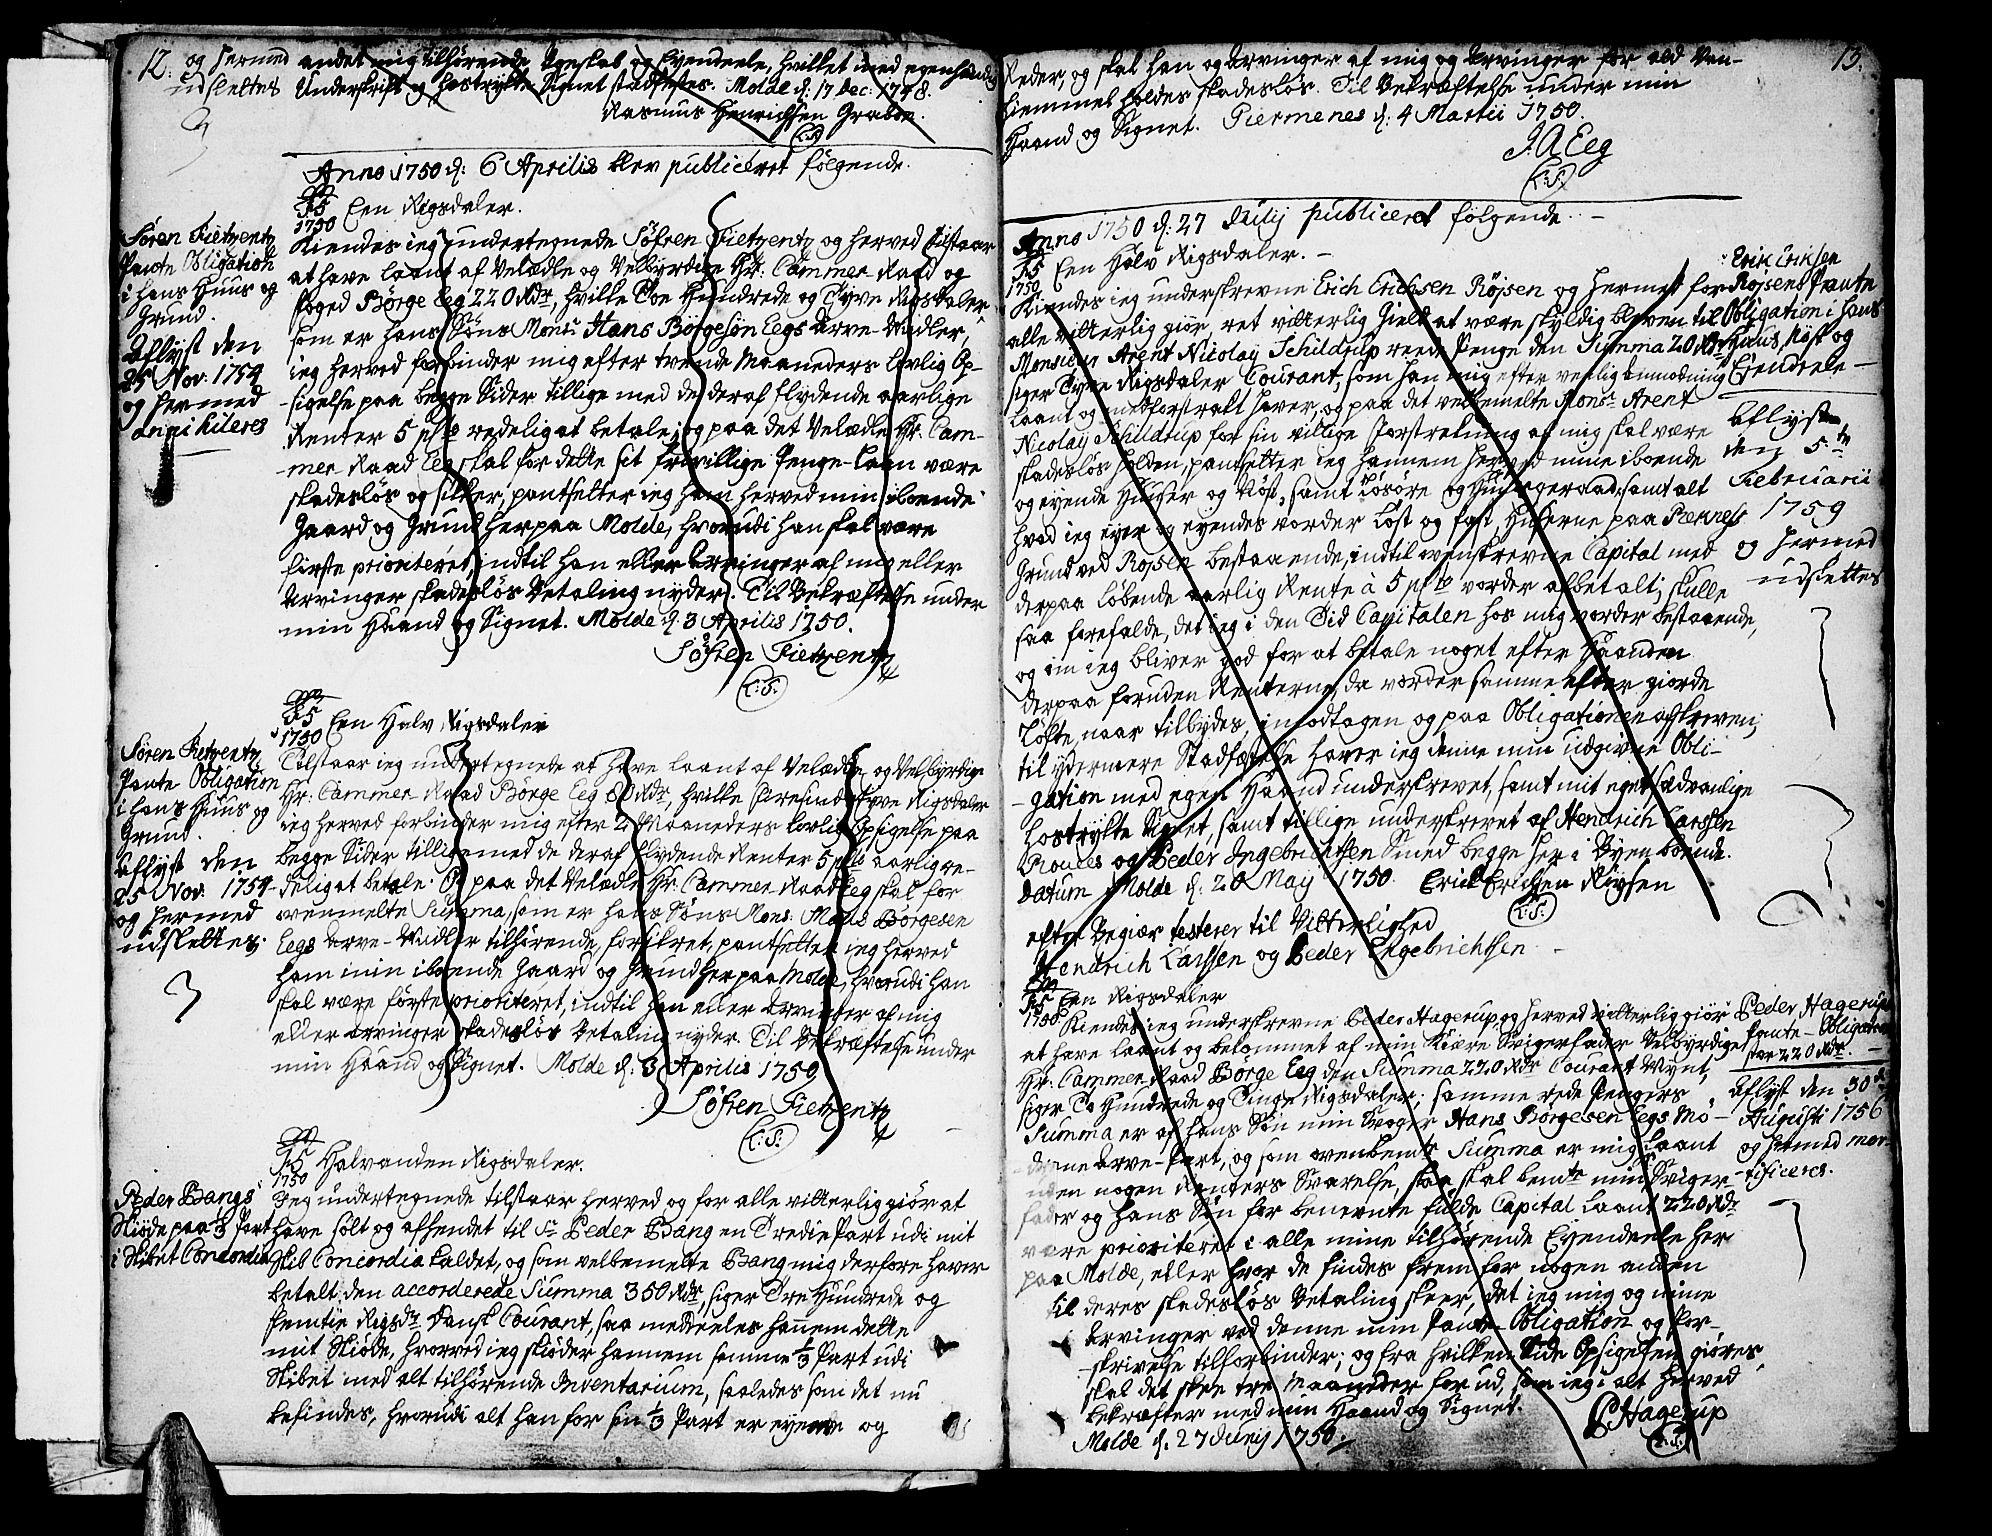 SAT, Molde byfogd, 2/2C/L0001: Mortgage book no. 1, 1748-1823, p. 12-13